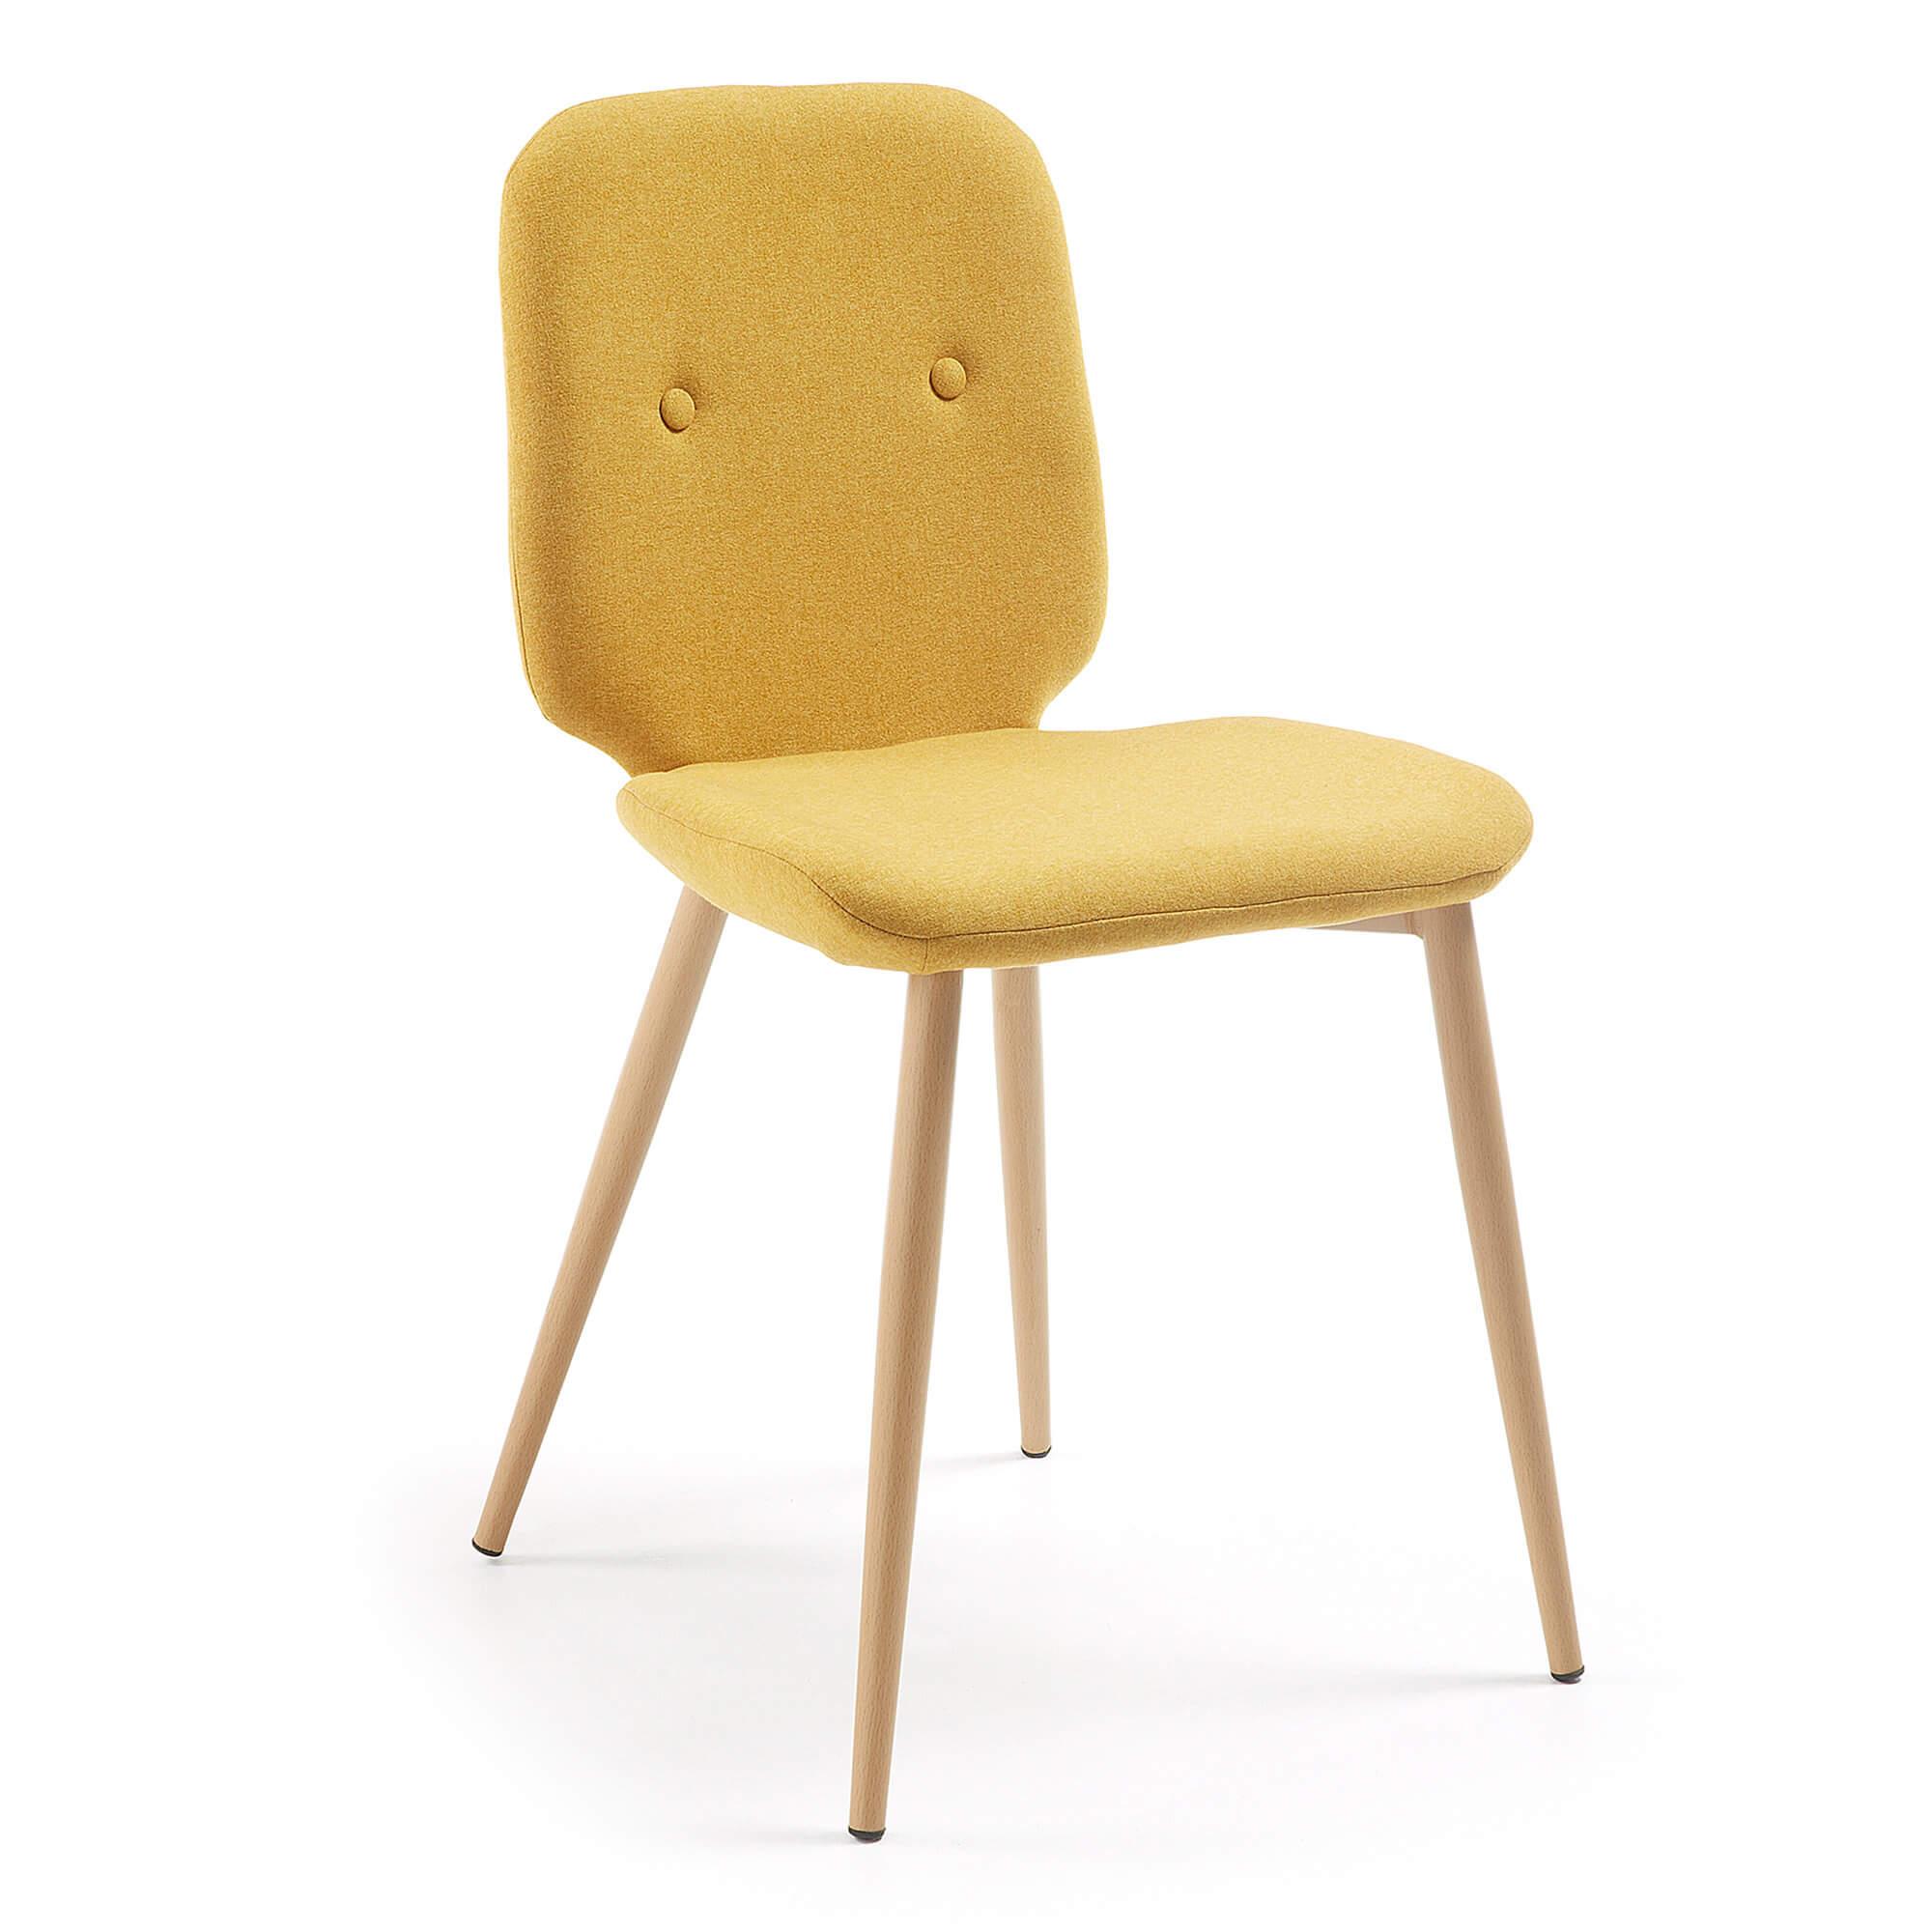 R DE ROOM silla de comedor tapizada en color mostaza. Silla de comedor cómoda. R DE ROOM silla de comedor tapizada en color mostaza. Silla de comedor cómoda.